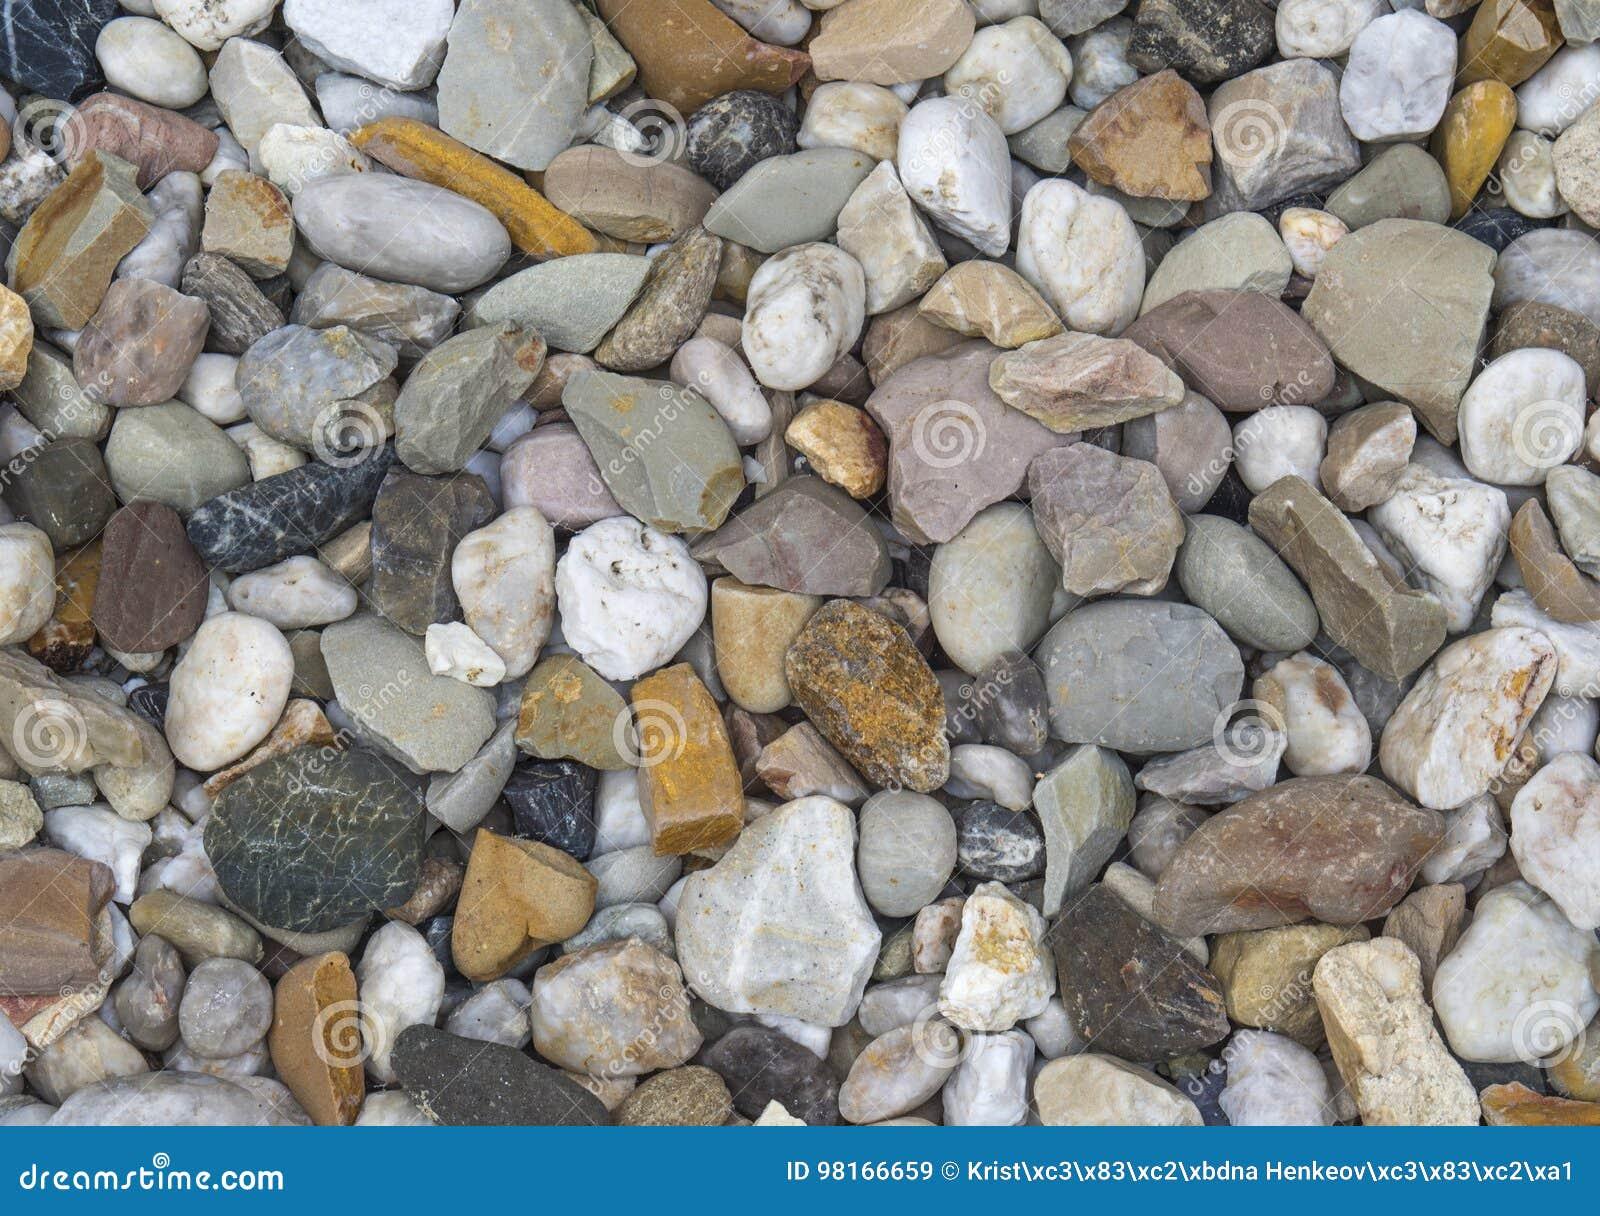 Μικρό πολυ υπόβαθρο πετρών χαλικιών χρώματος